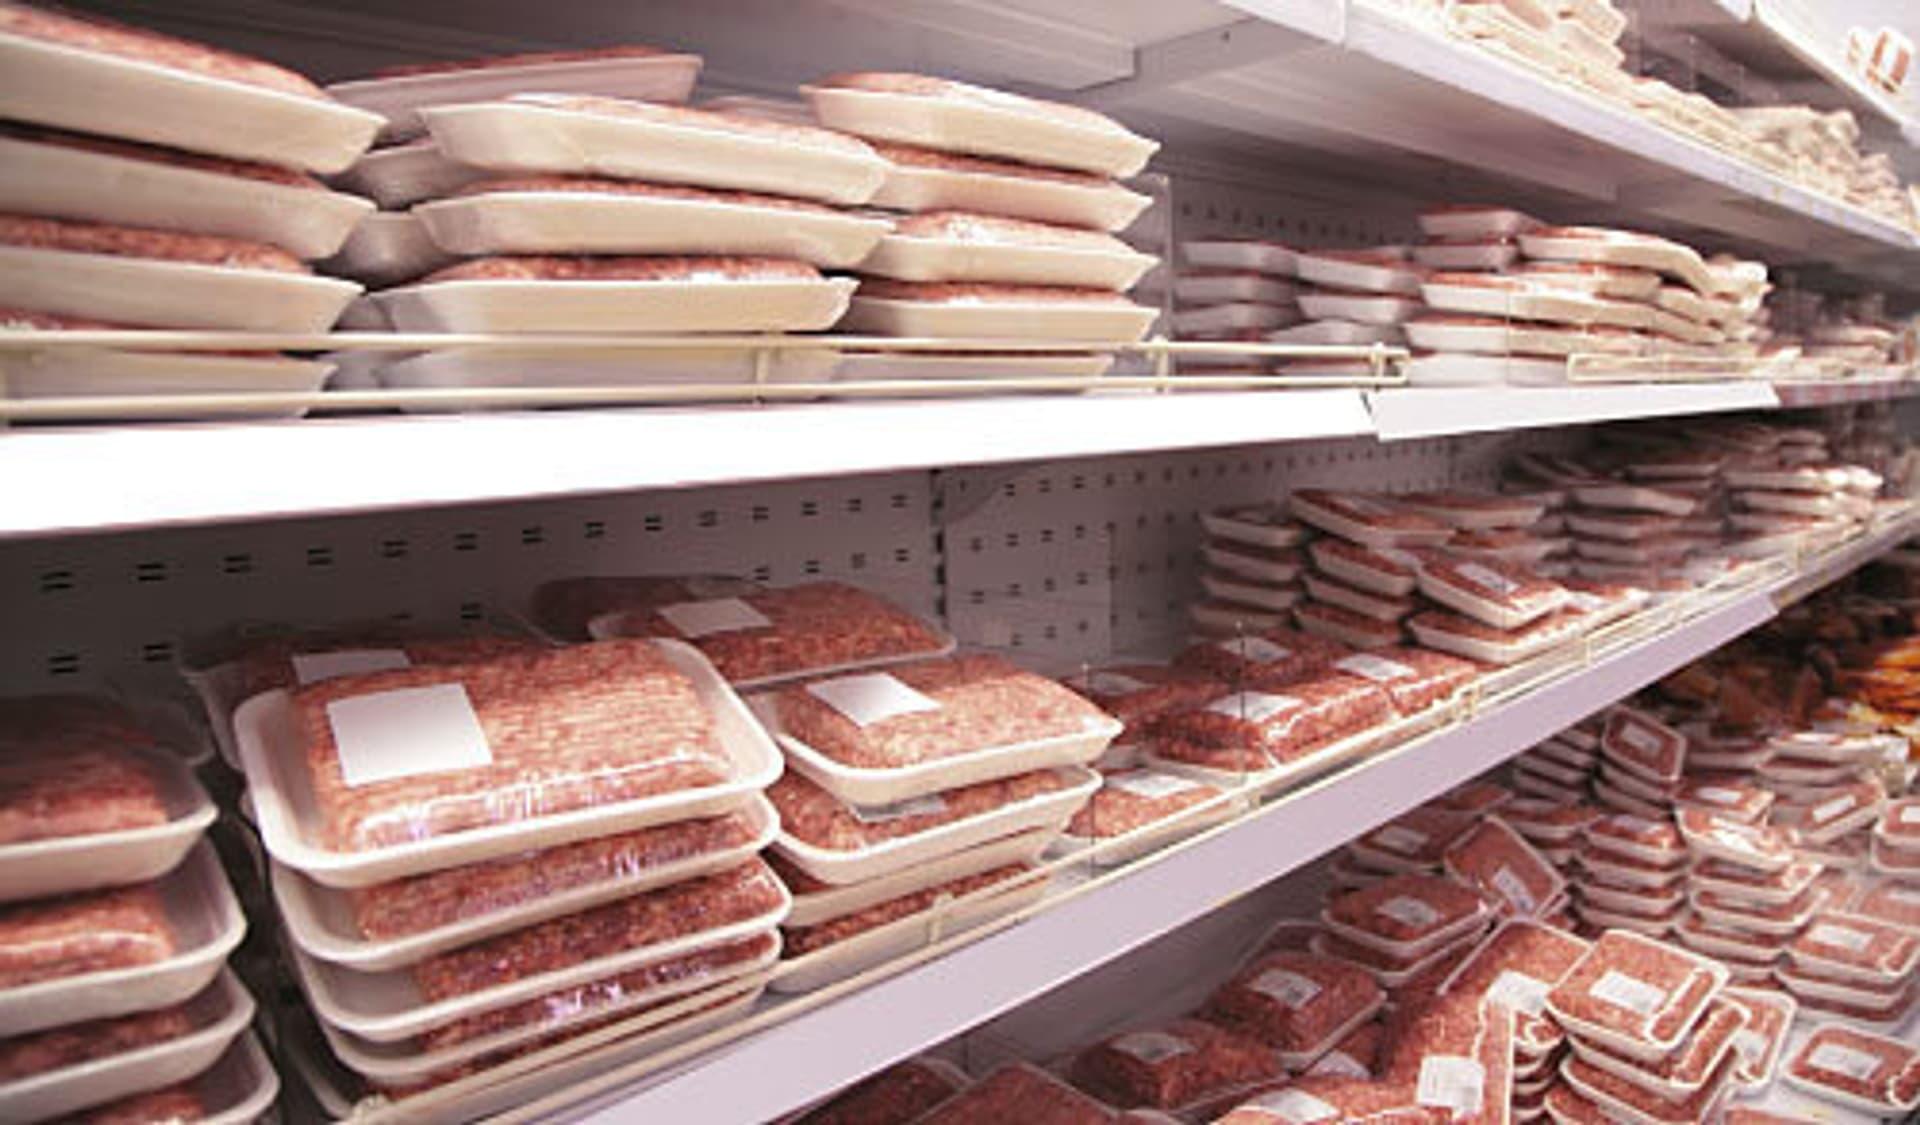 Ein Kühlregal im Supermarkt mit vielen Fleischpackungen